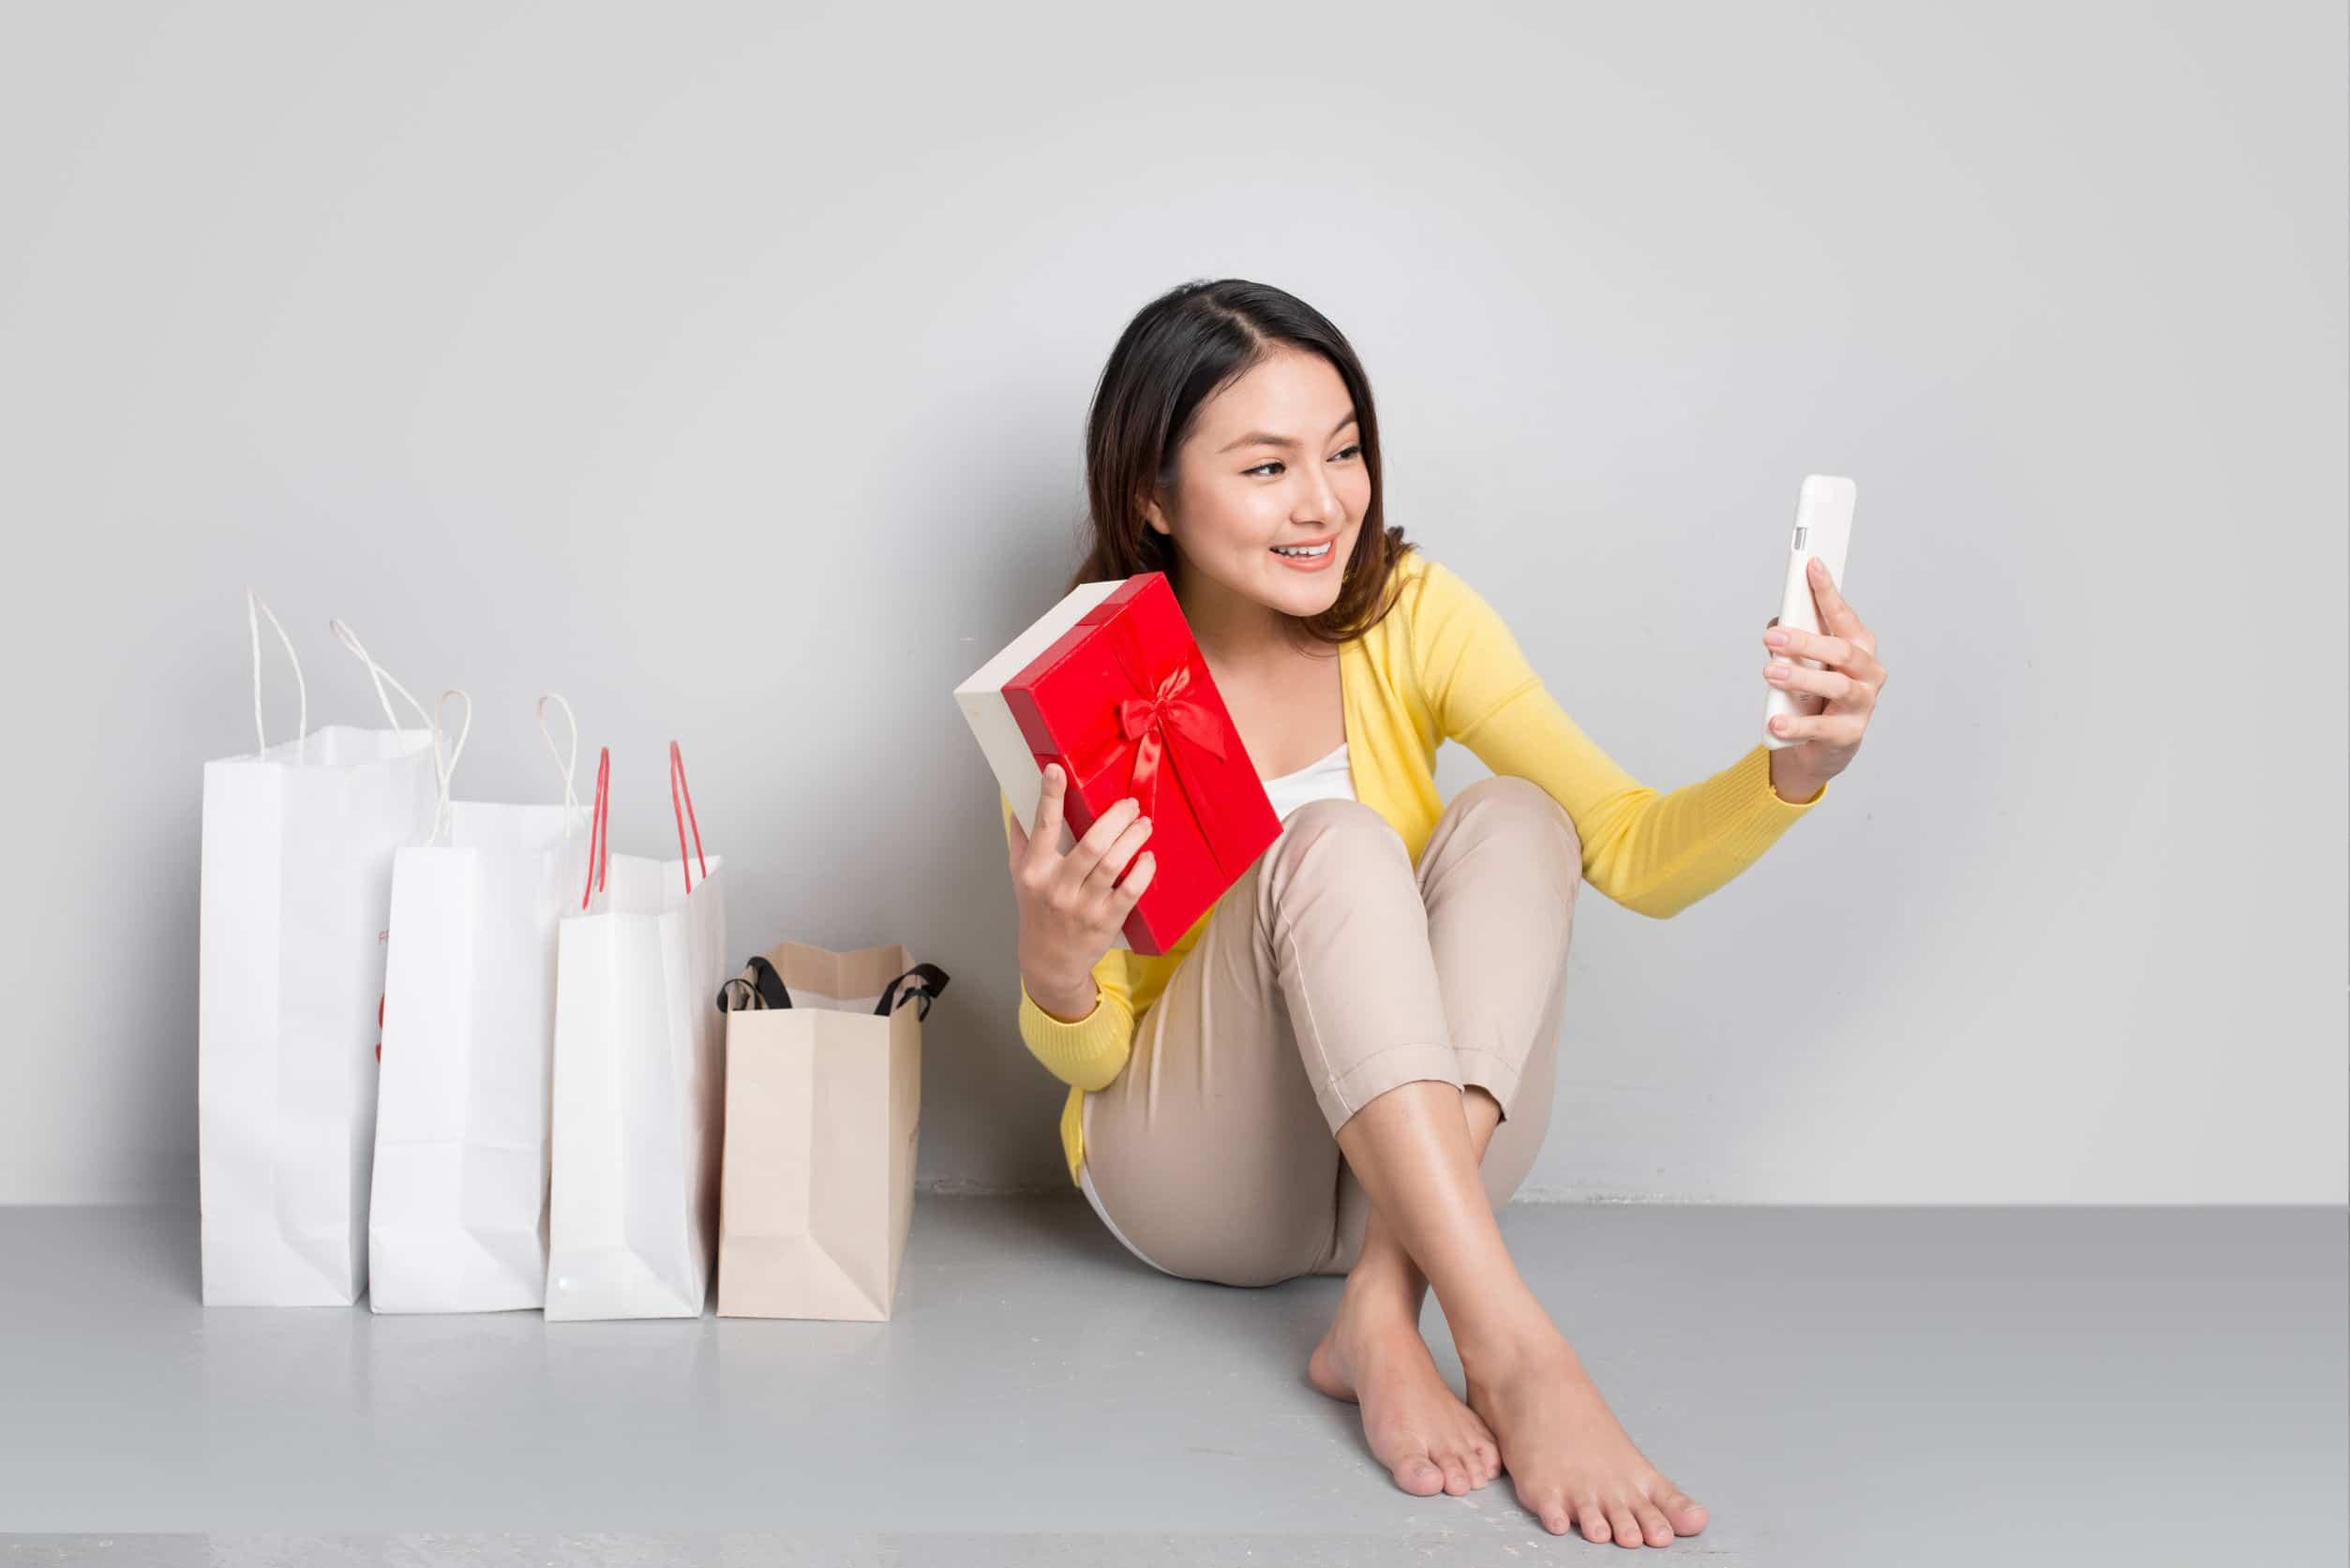 Mulher tirando foto com presentes.